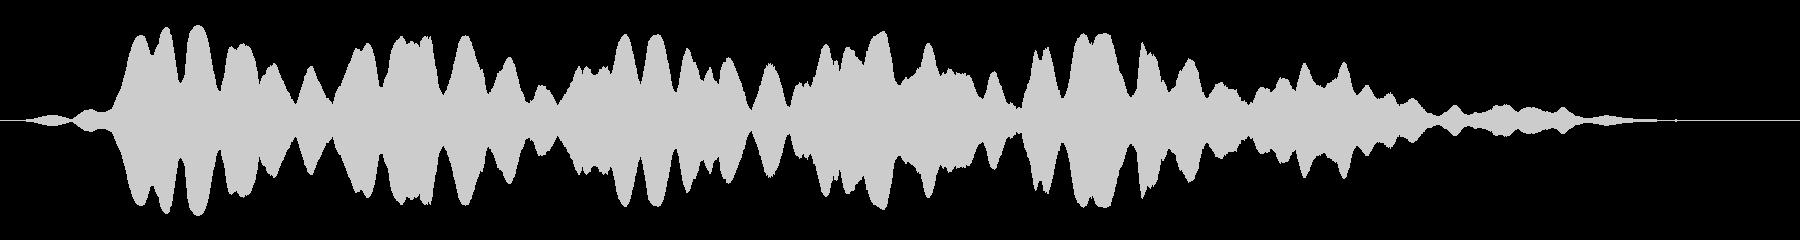 フゥワァーーーーンと飛ぶ飛行物体の未再生の波形